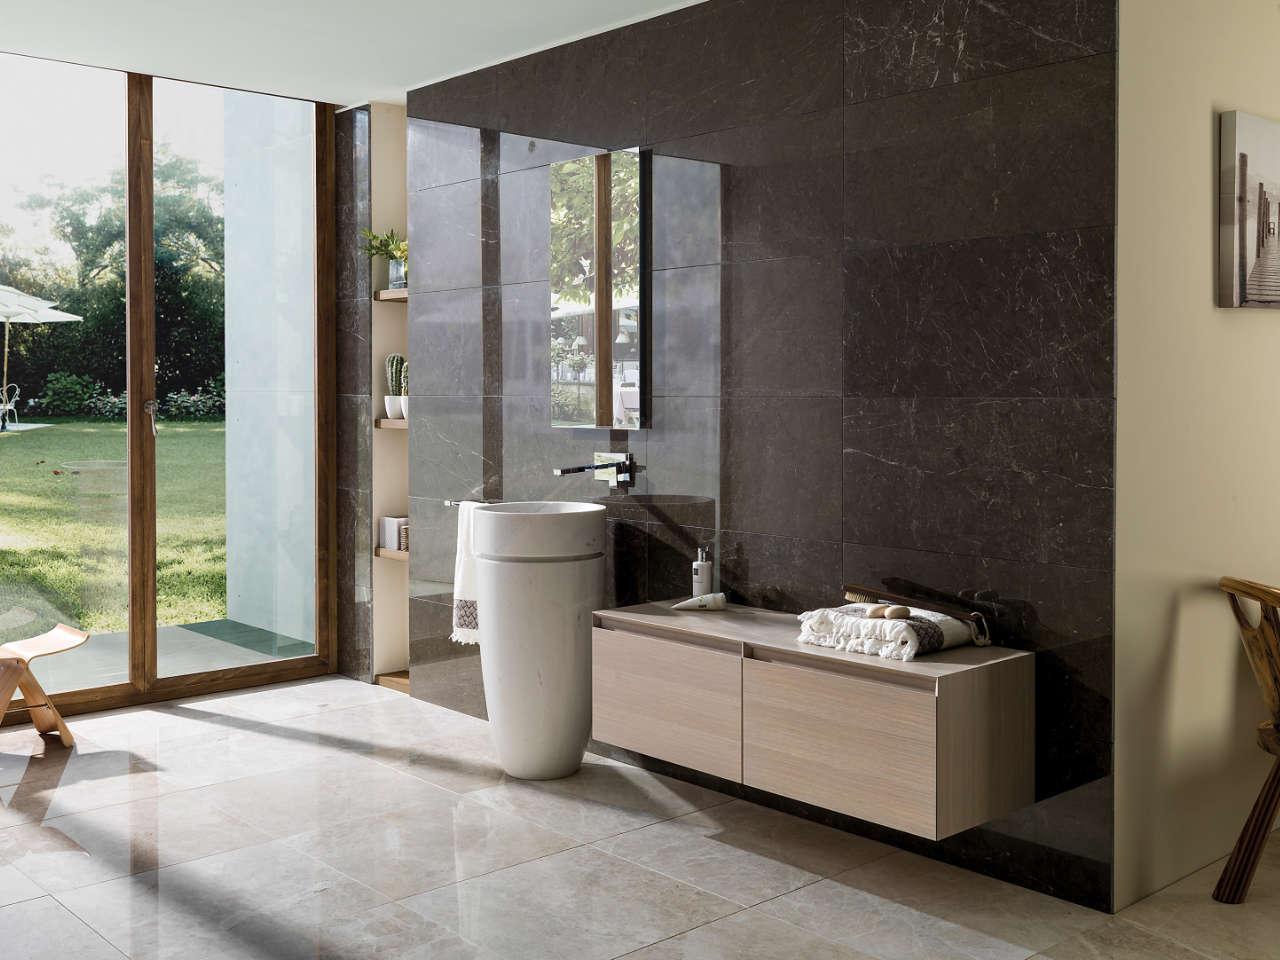 Bagno: 7 motivi per scegliere un rivestimento in marmo